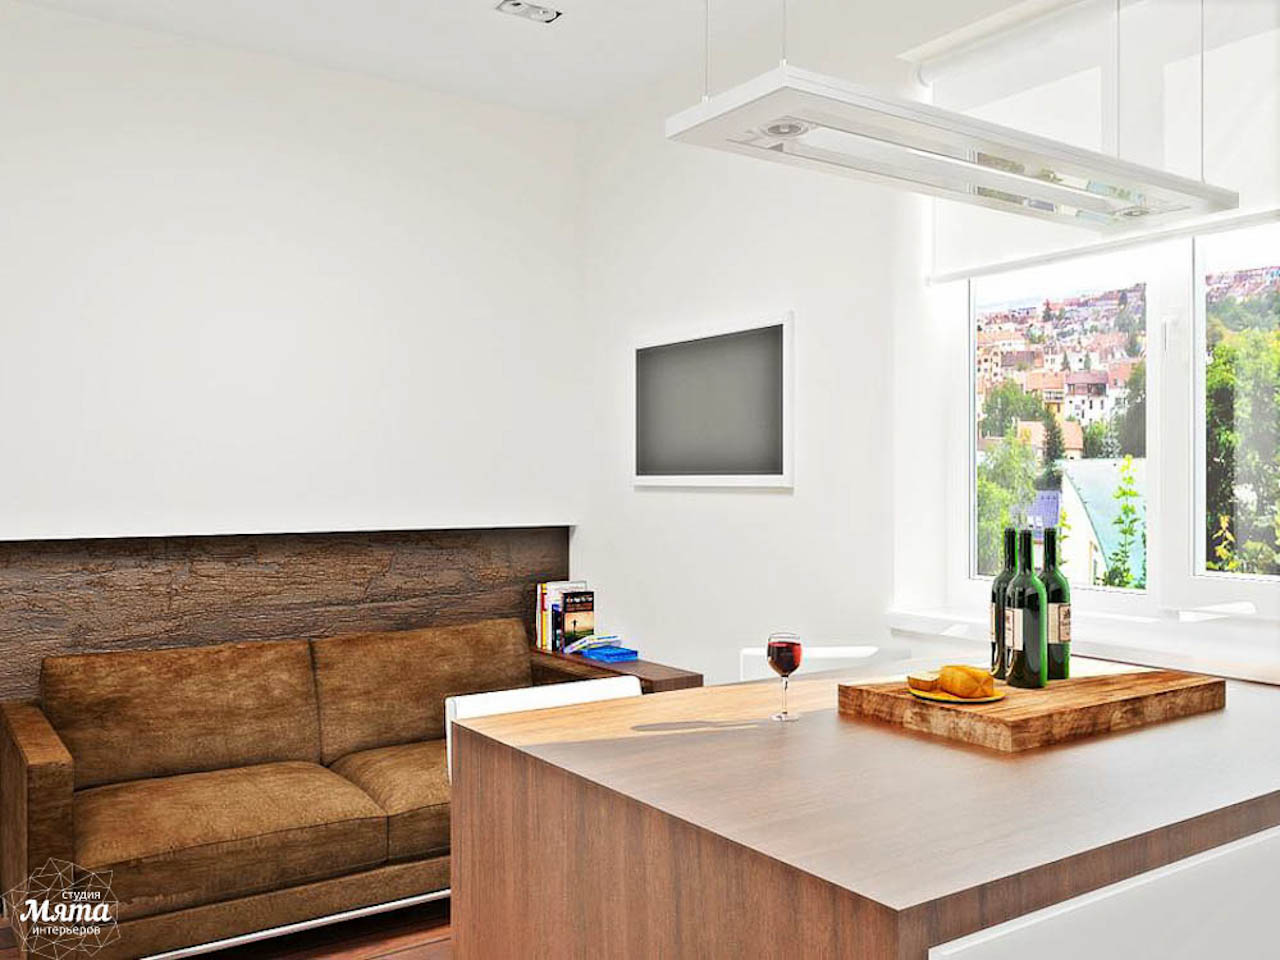 Дизайн интерьера однокомнатной квартиры в стиле хай тек по ул. Щербакова 35 img1331000515